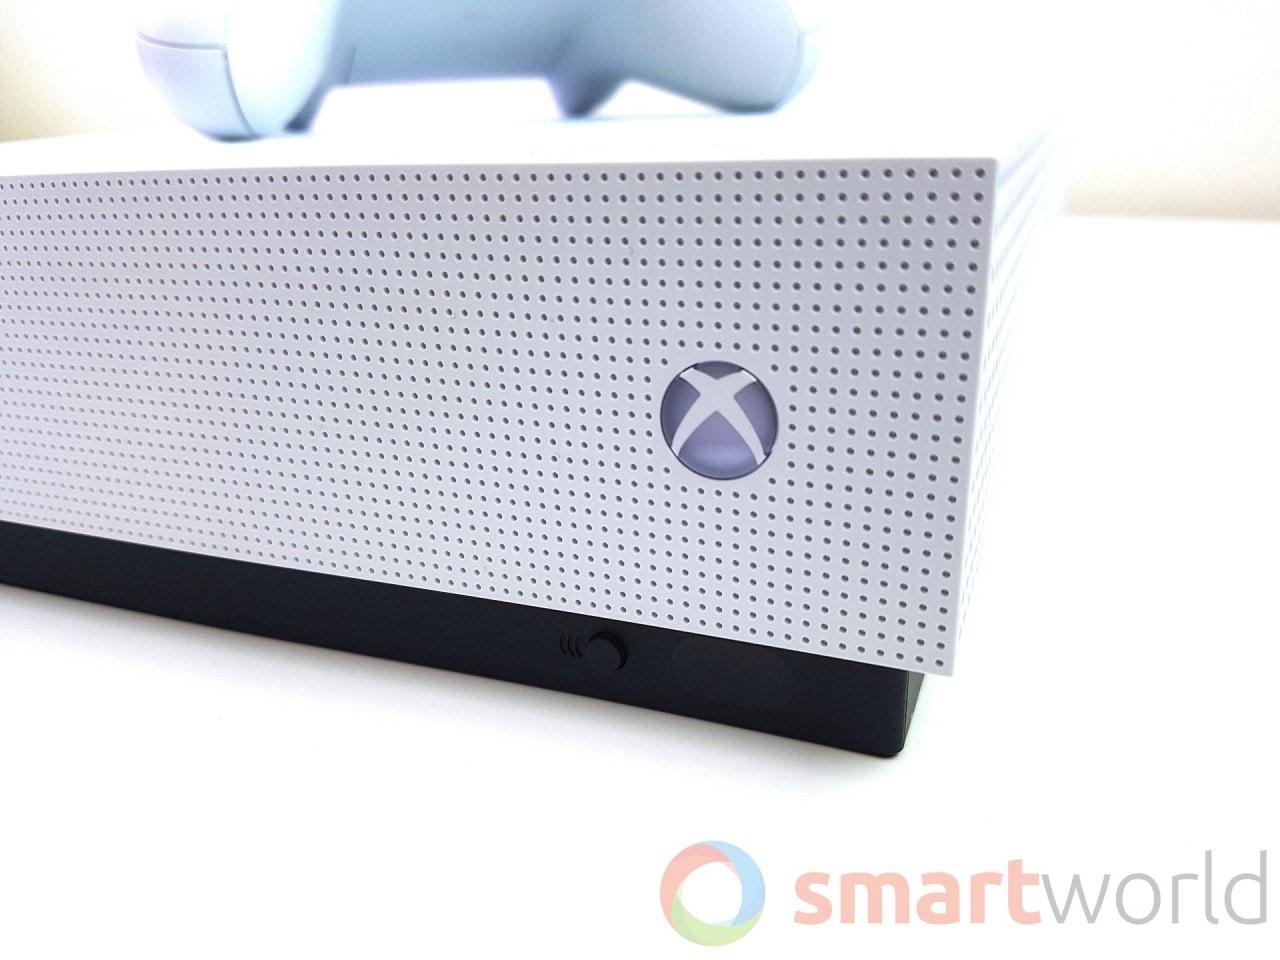 Recensione Xbox One S - 9